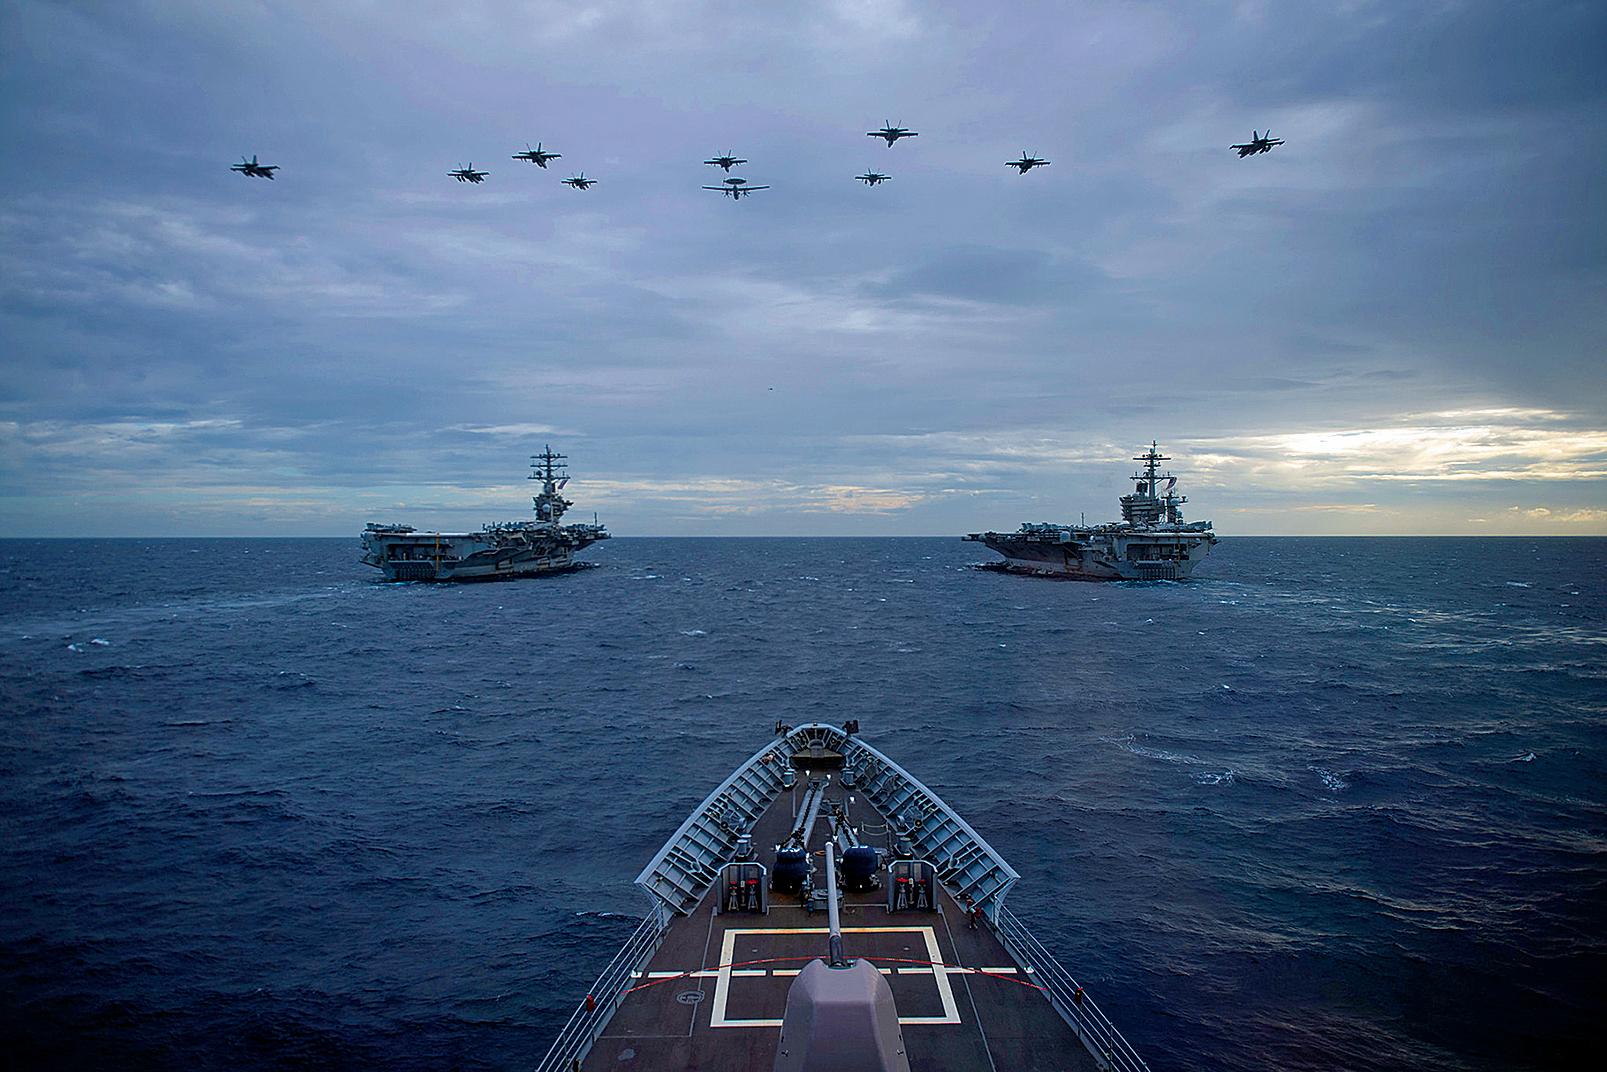 7月14日,美國國務卿布林肯重申,美國拒絕中共在南中國海提出的「非法」海洋主張。圖為2021年2月9日,美軍雙航母尼米茲號(CVN68)和羅斯福號(CVN71)在南海演練。(美國海軍)